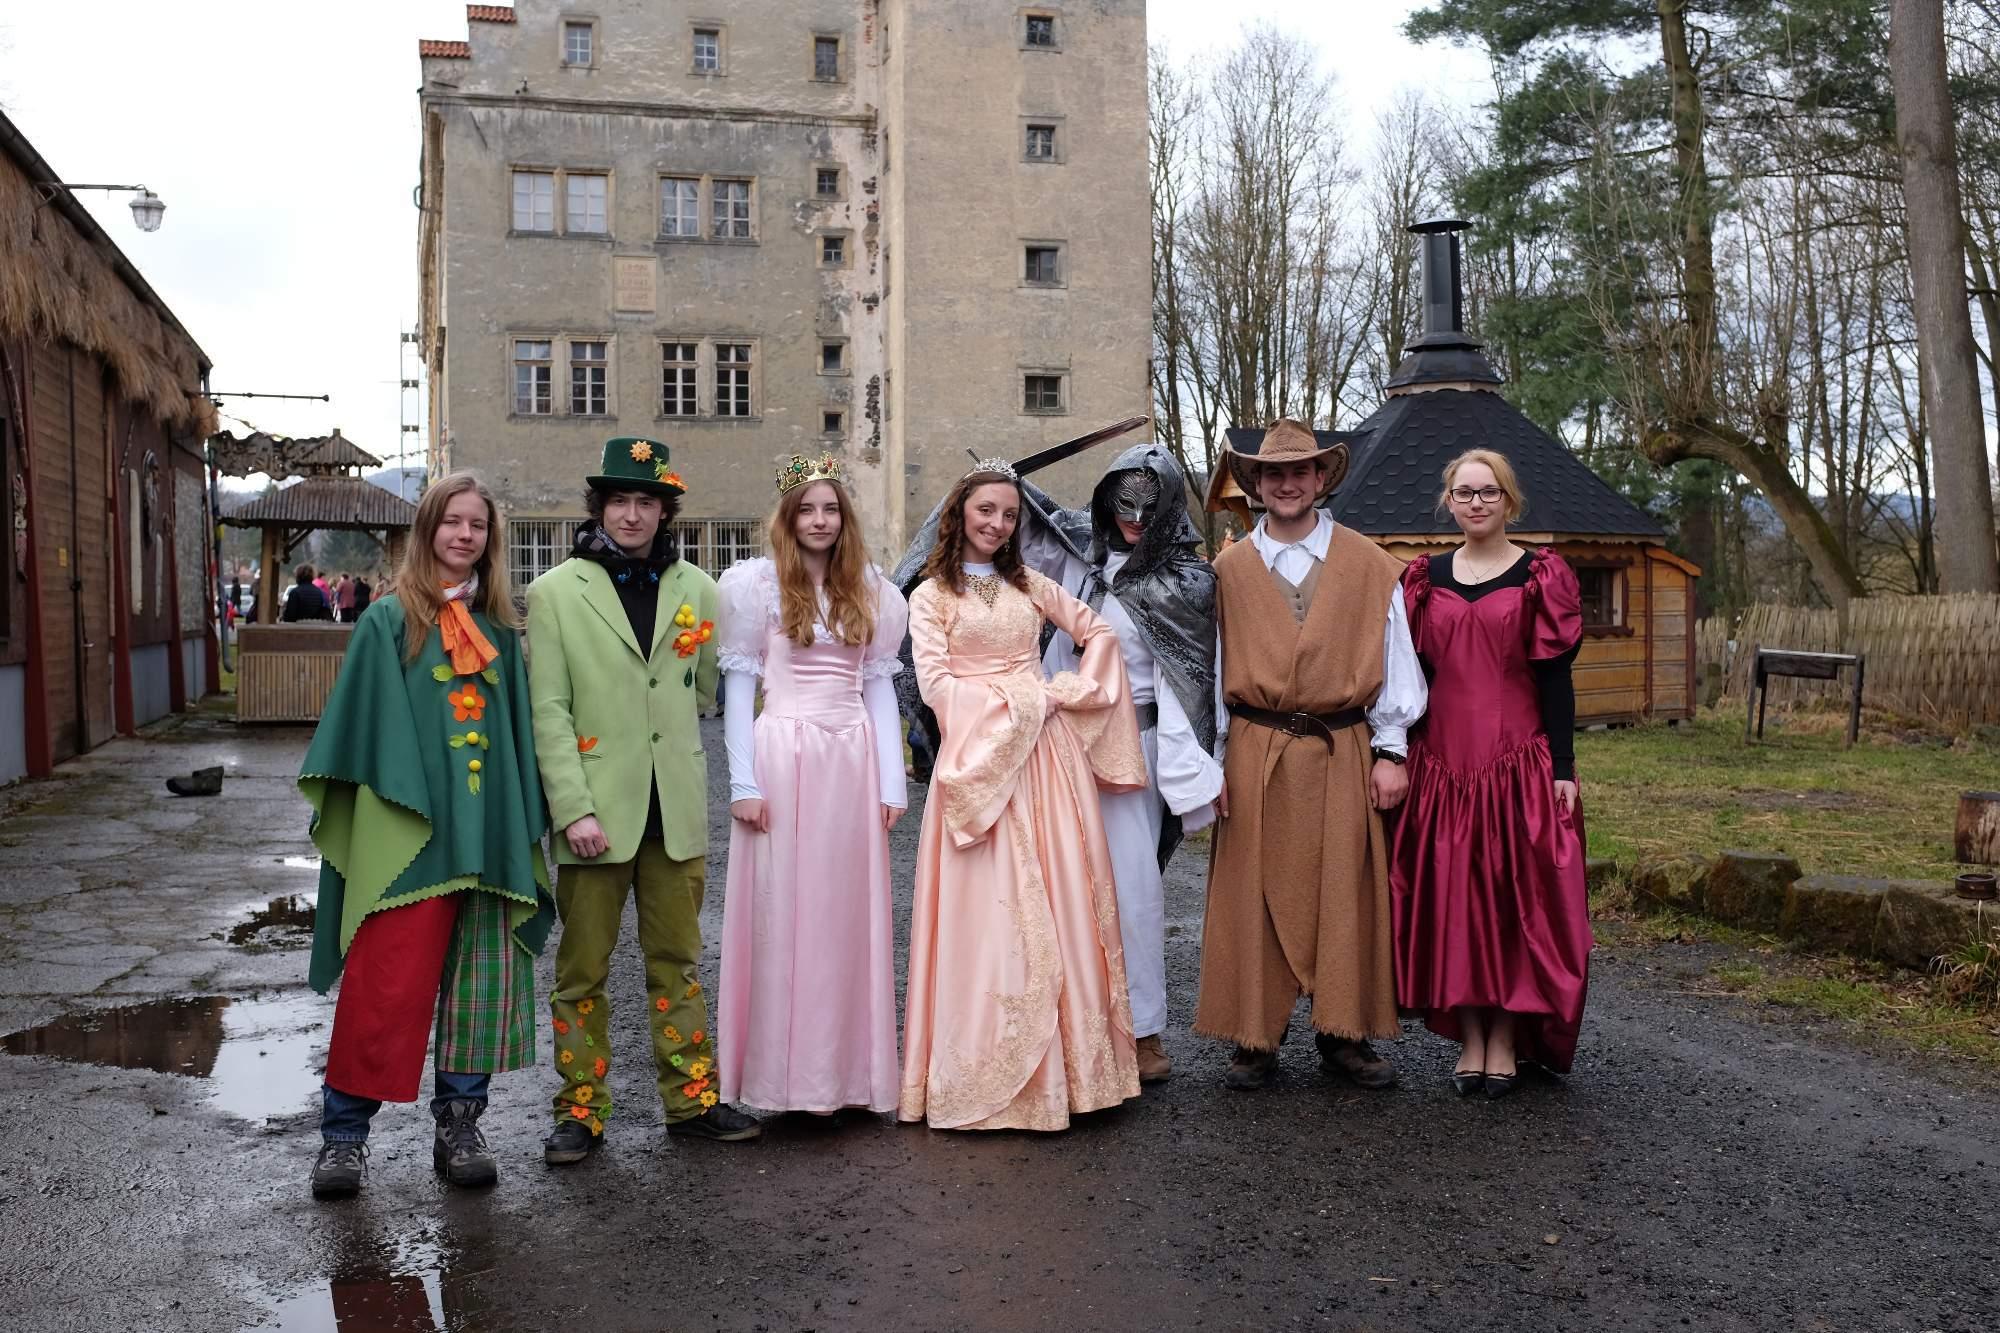 Herci si pro děti připravili několik pohádek. Foto: Pavlína Černá